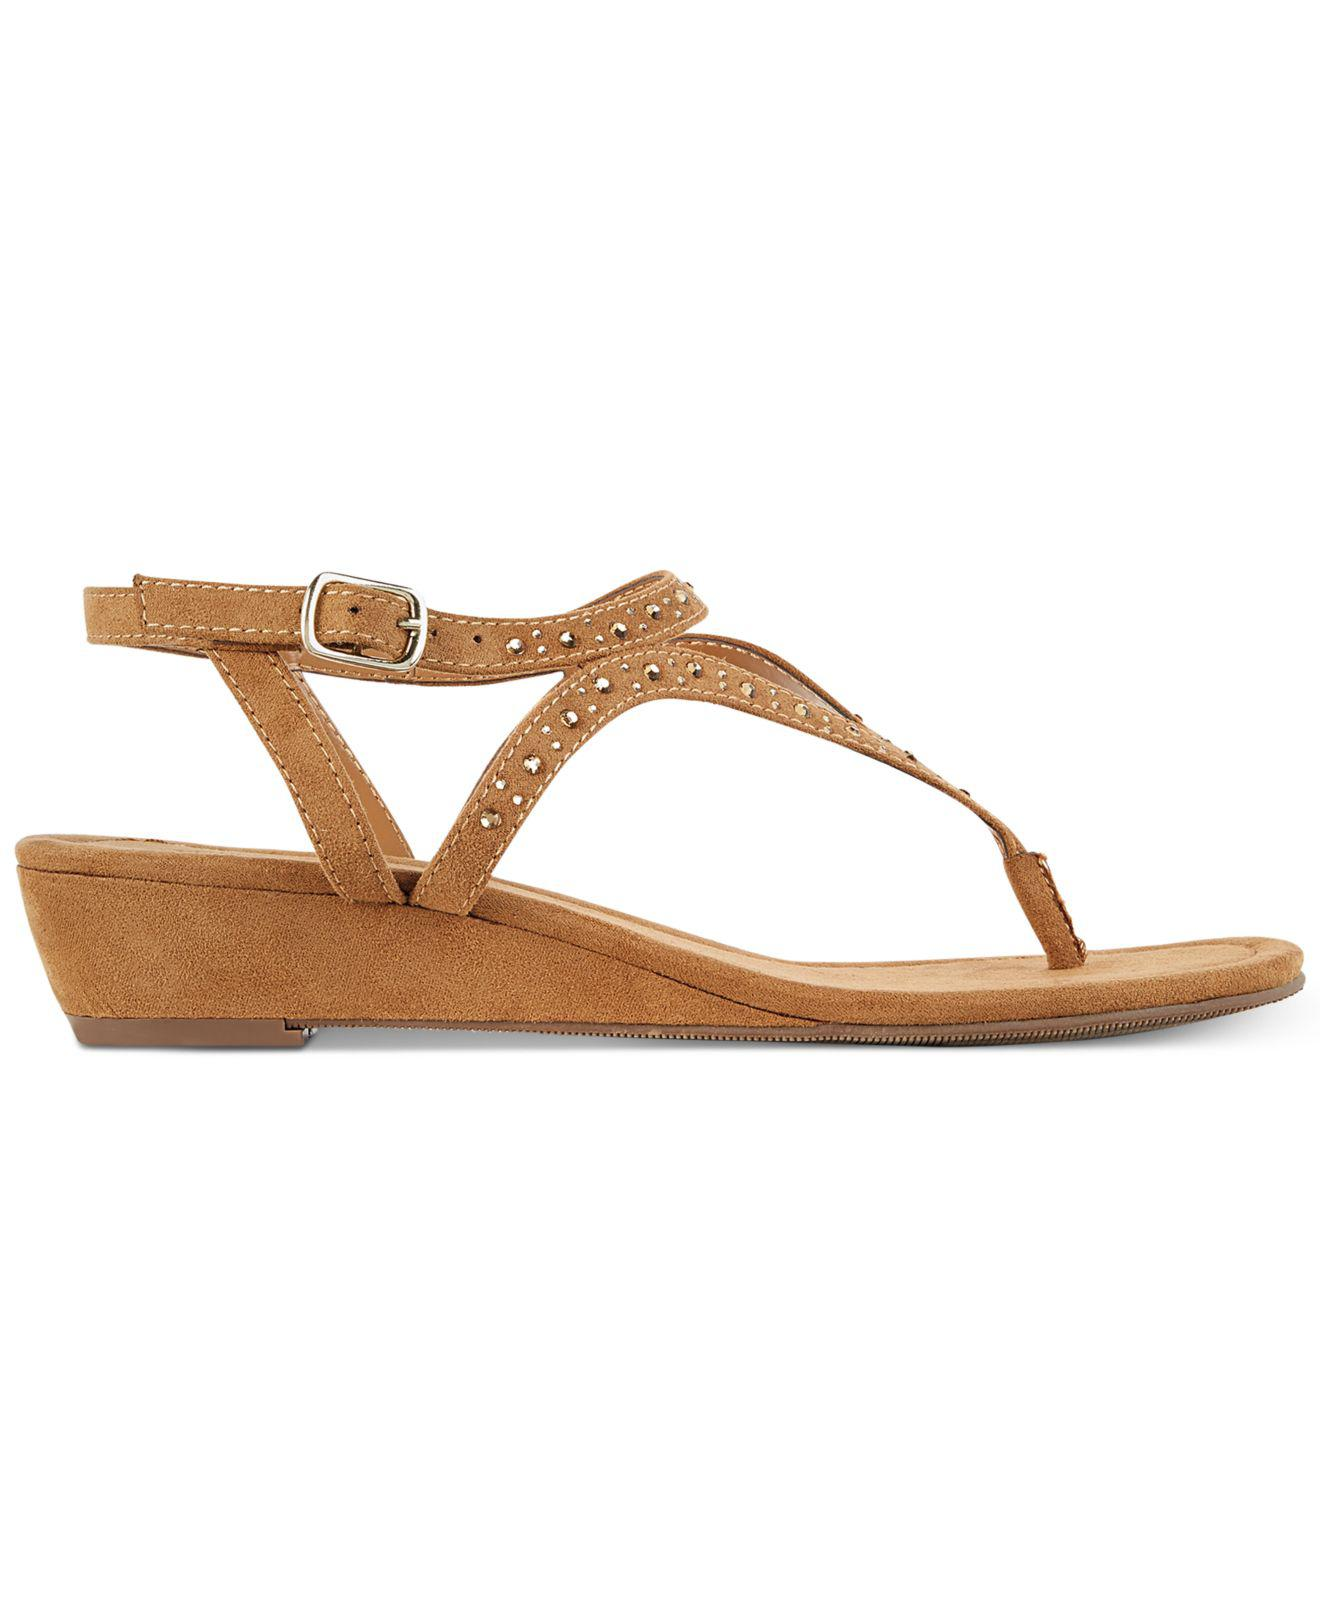 9aa8f62ef36 Style Co Mulan Wedge Sandals - Biyo-Geka.Org Photo Style